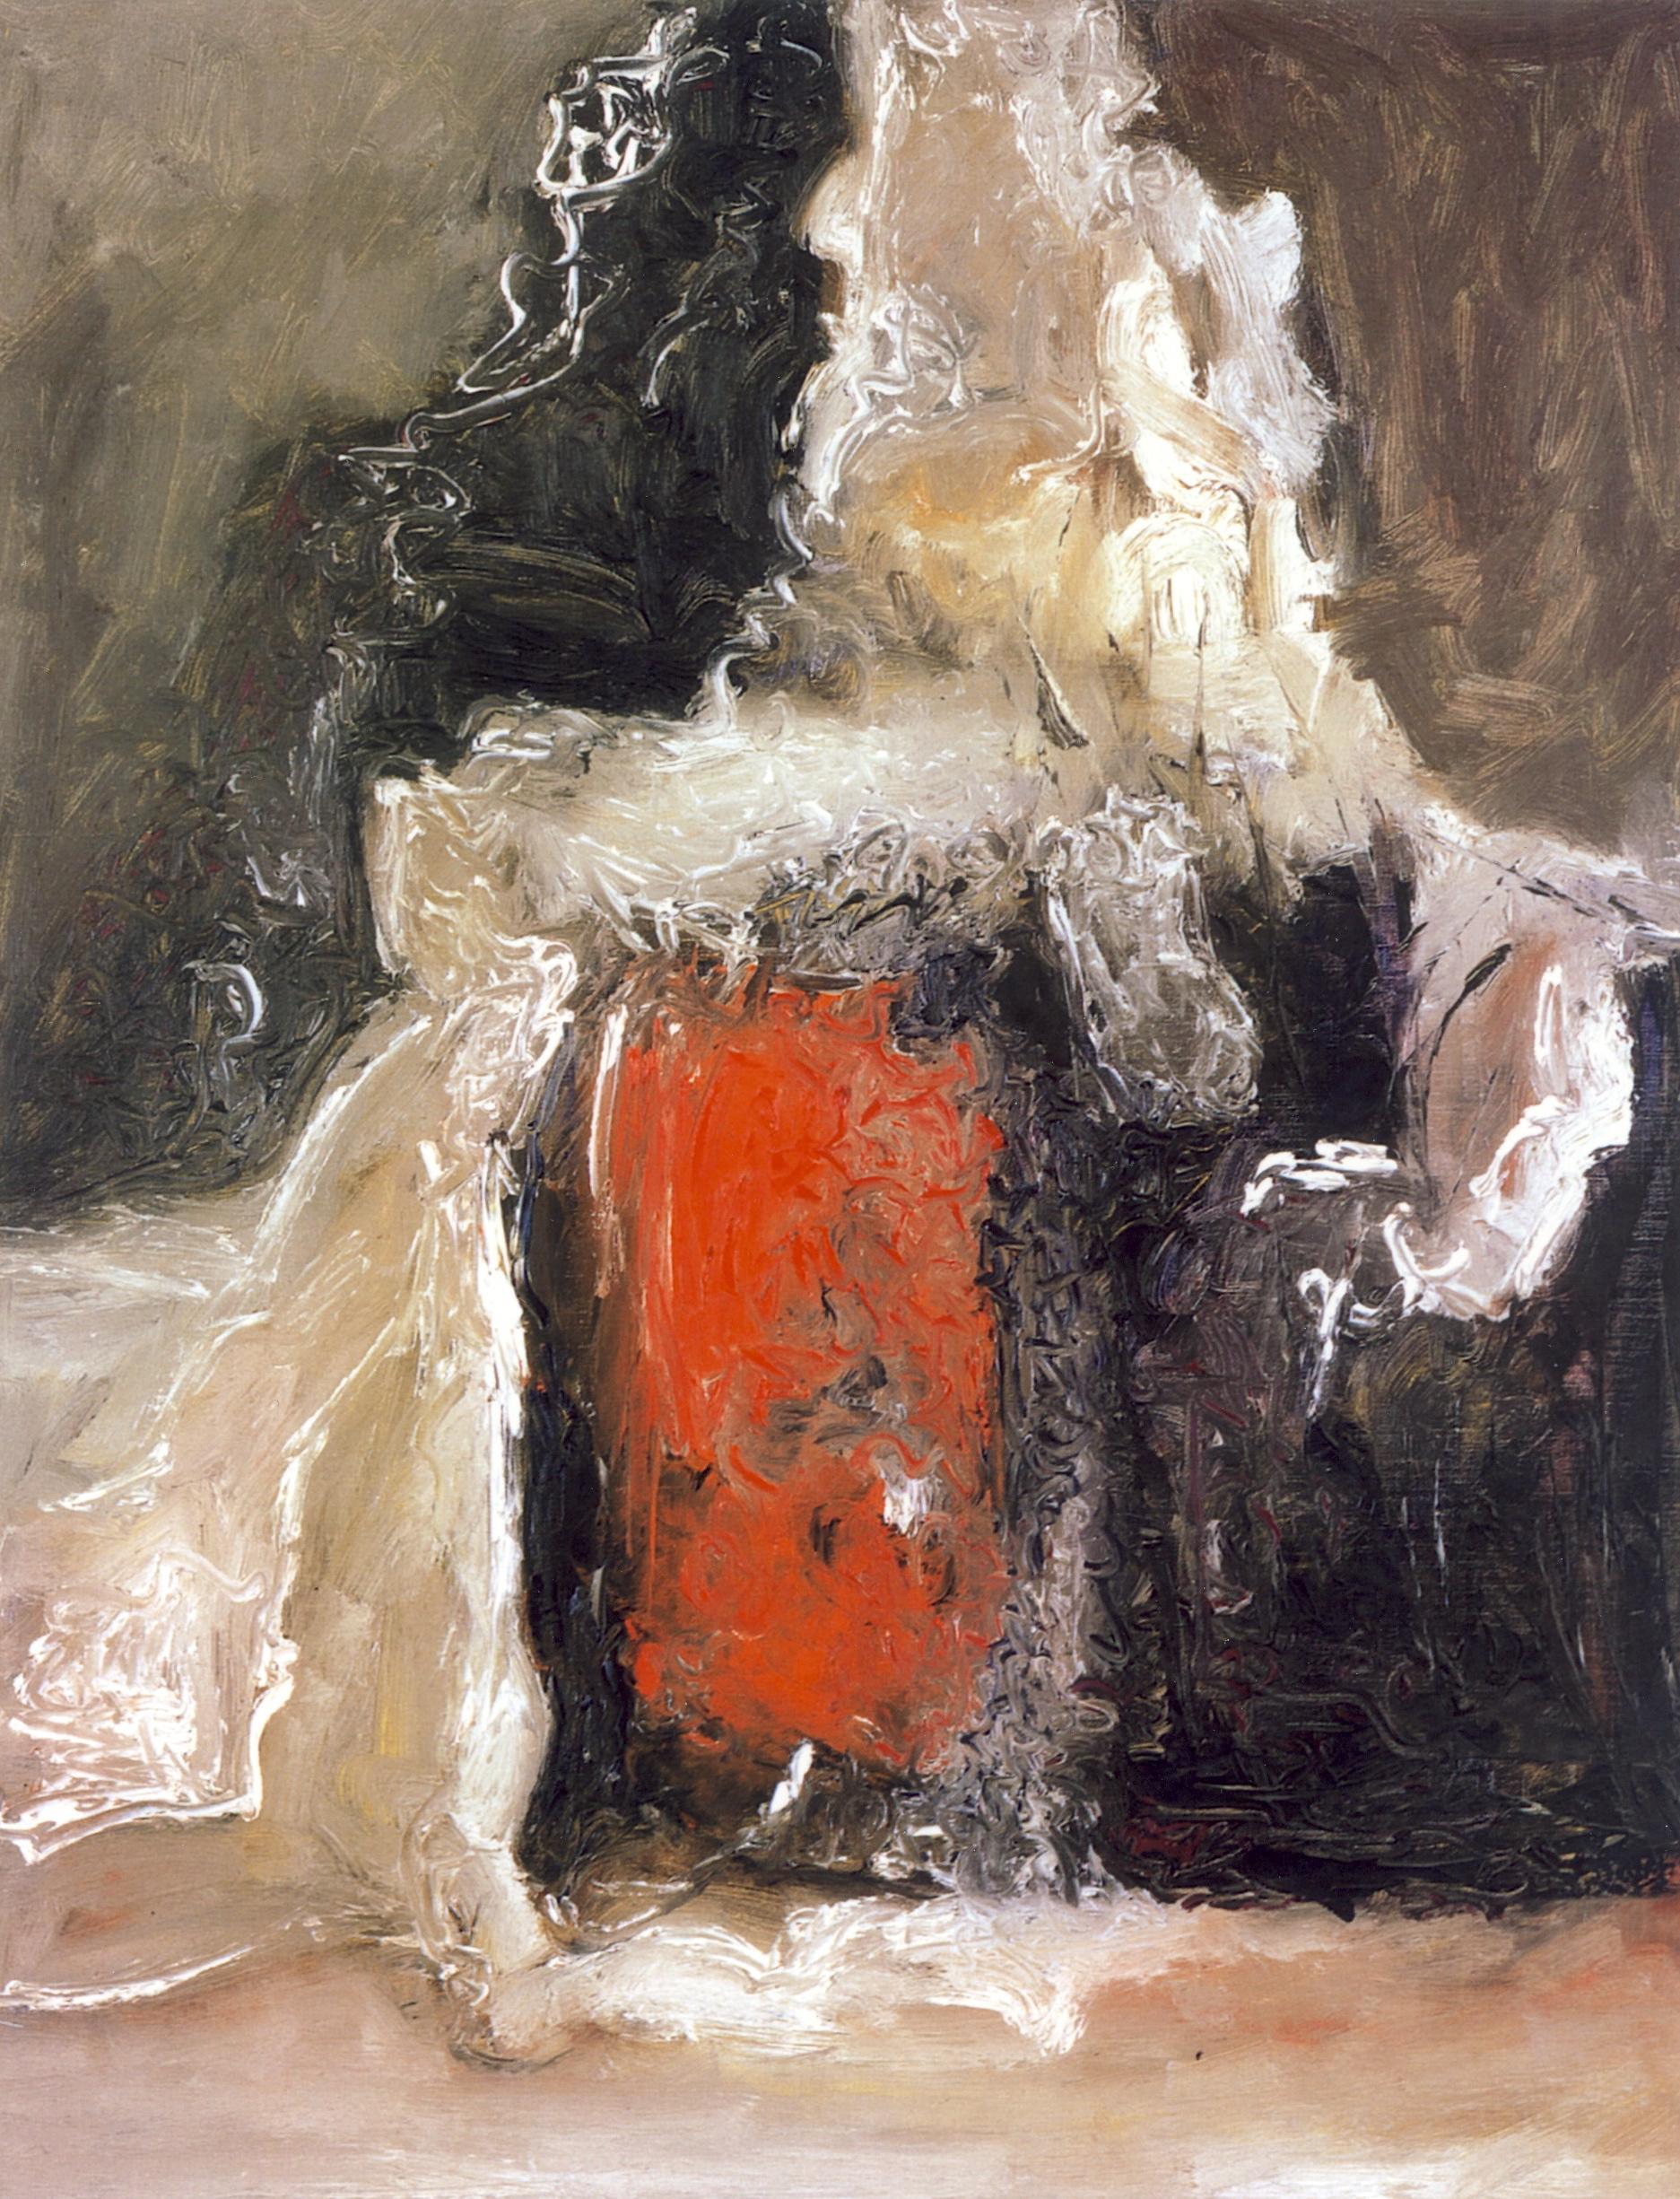 senza titolo, 1964, olio su tela, cm 92 x 73   untitled, 1964, oil on canvas, cm 92 x 73